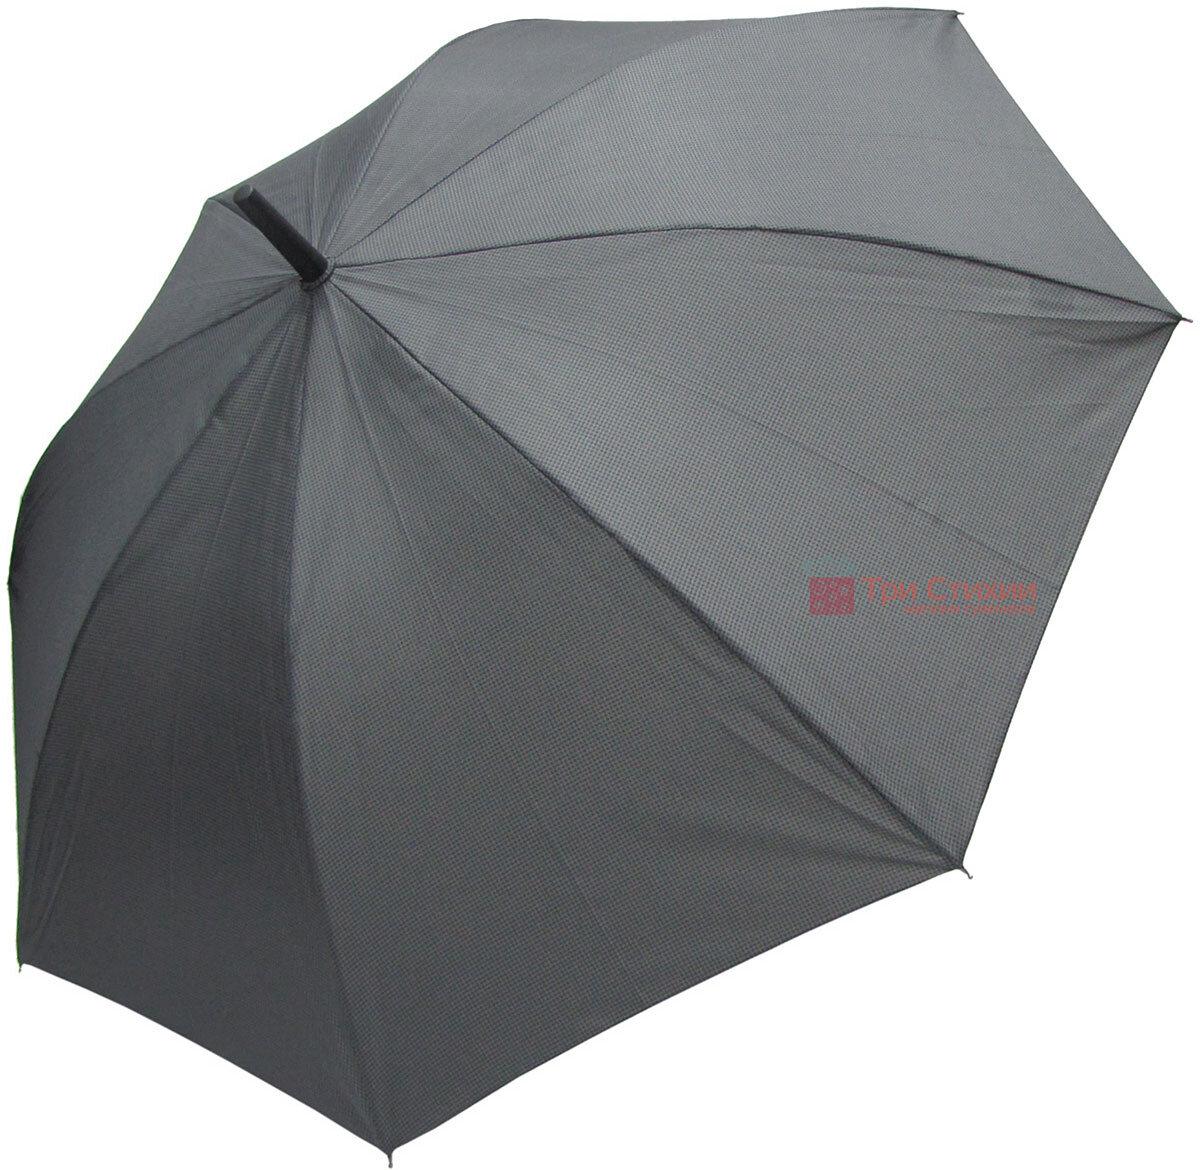 Зонт-трость Derby 77167P-3 полуавтомат Мелкая клетка, фото